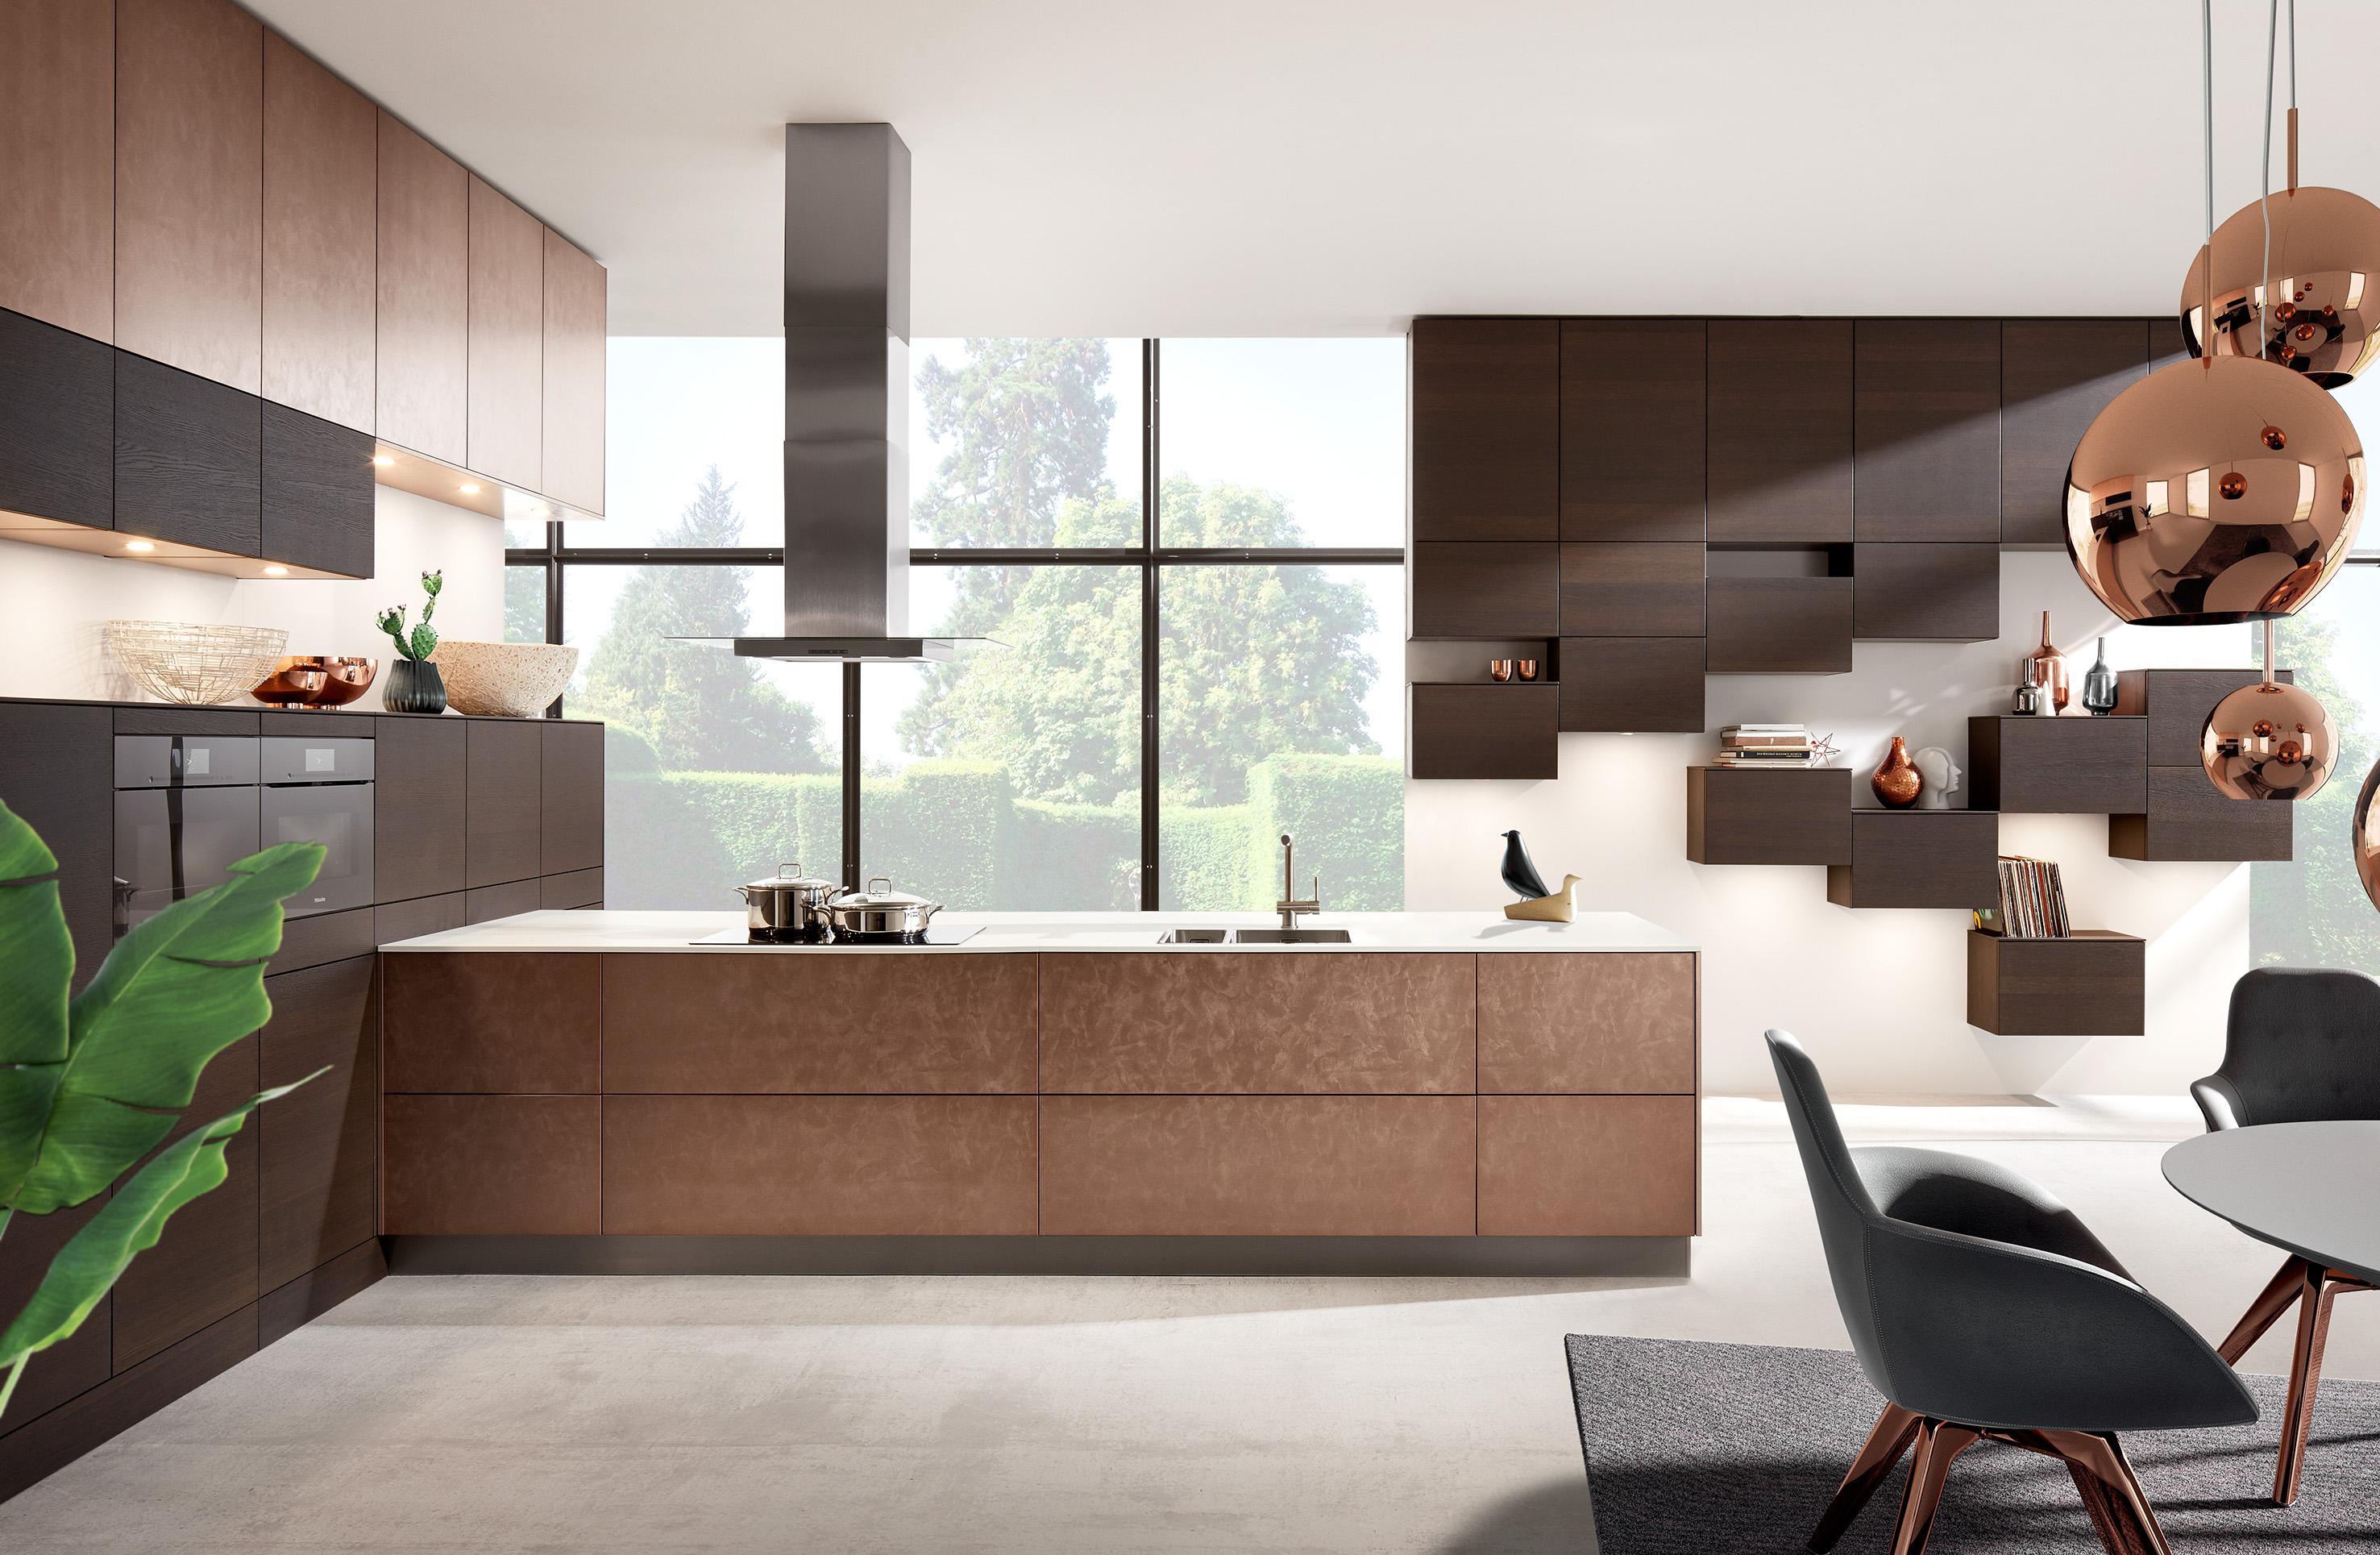 Gorenje Kühlschrank Kupfer : Küchentrend kupfer küchen in kupfer küche co